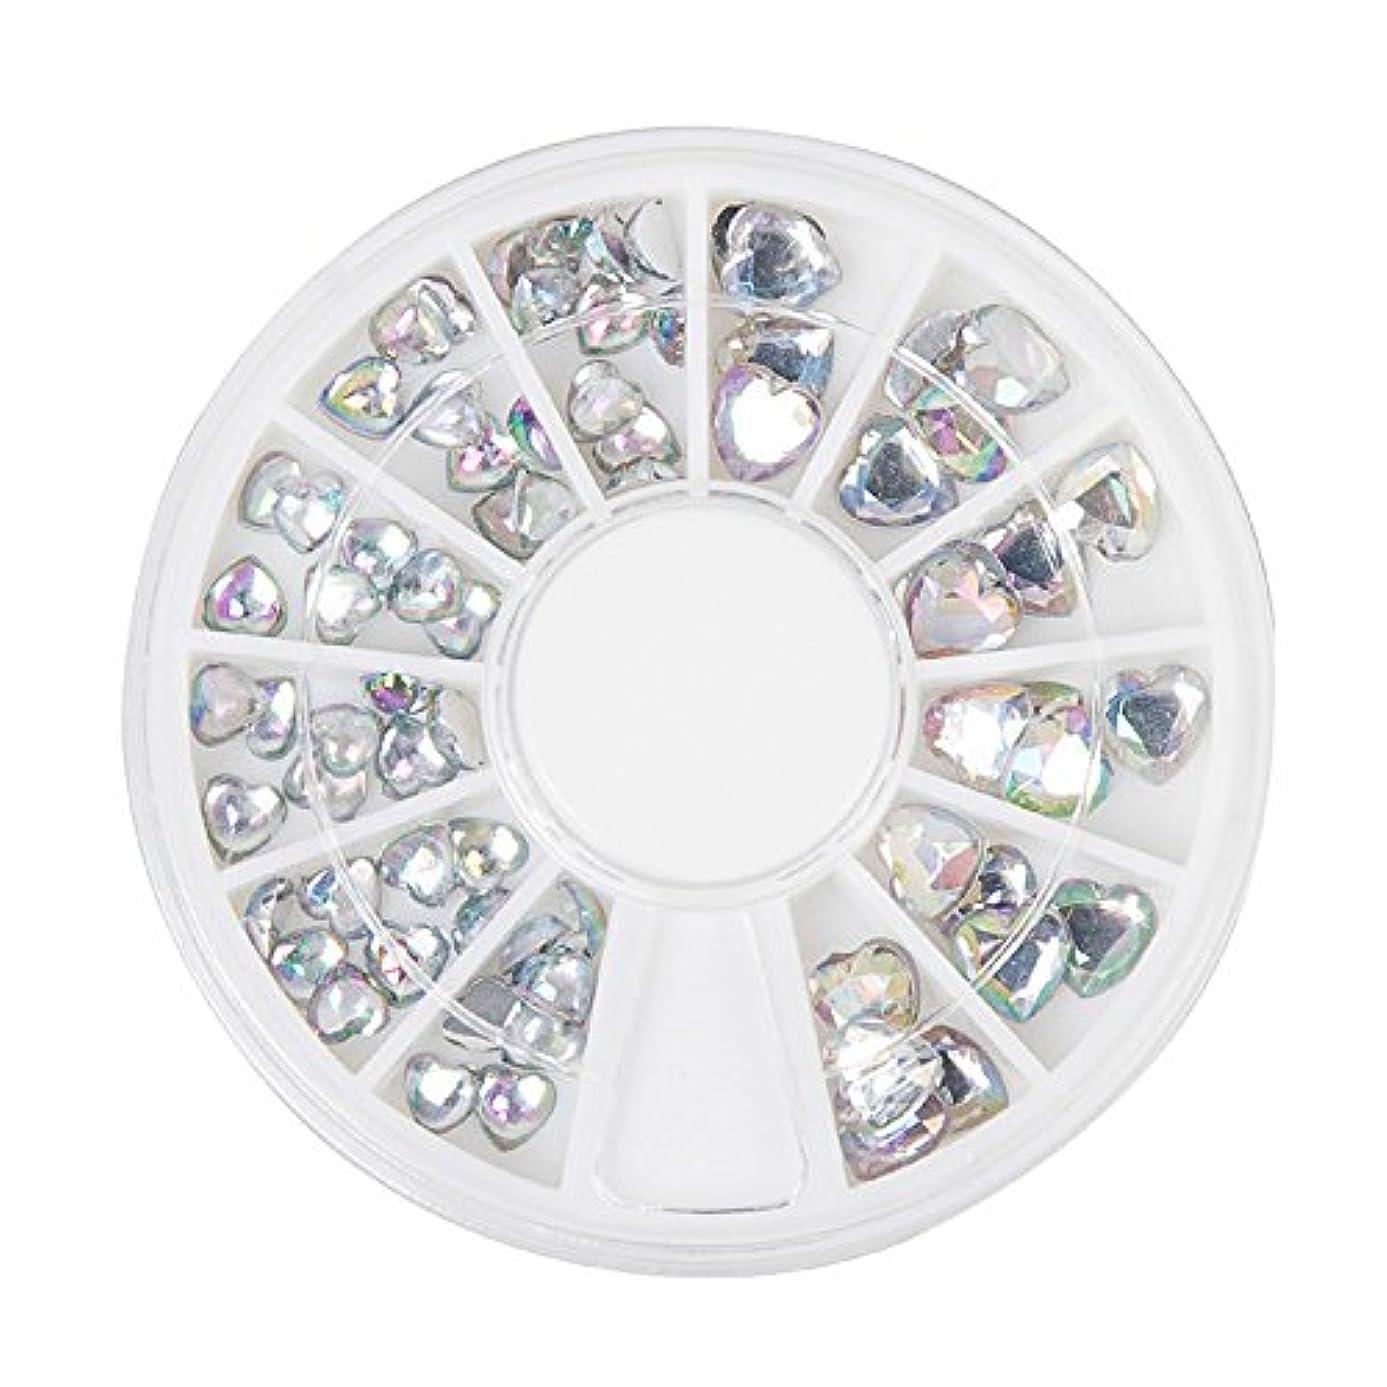 六巡礼者頂点ジェルネイル ラインストーン アートパーツ パール ハート ダイヤモンド 22種類選択可